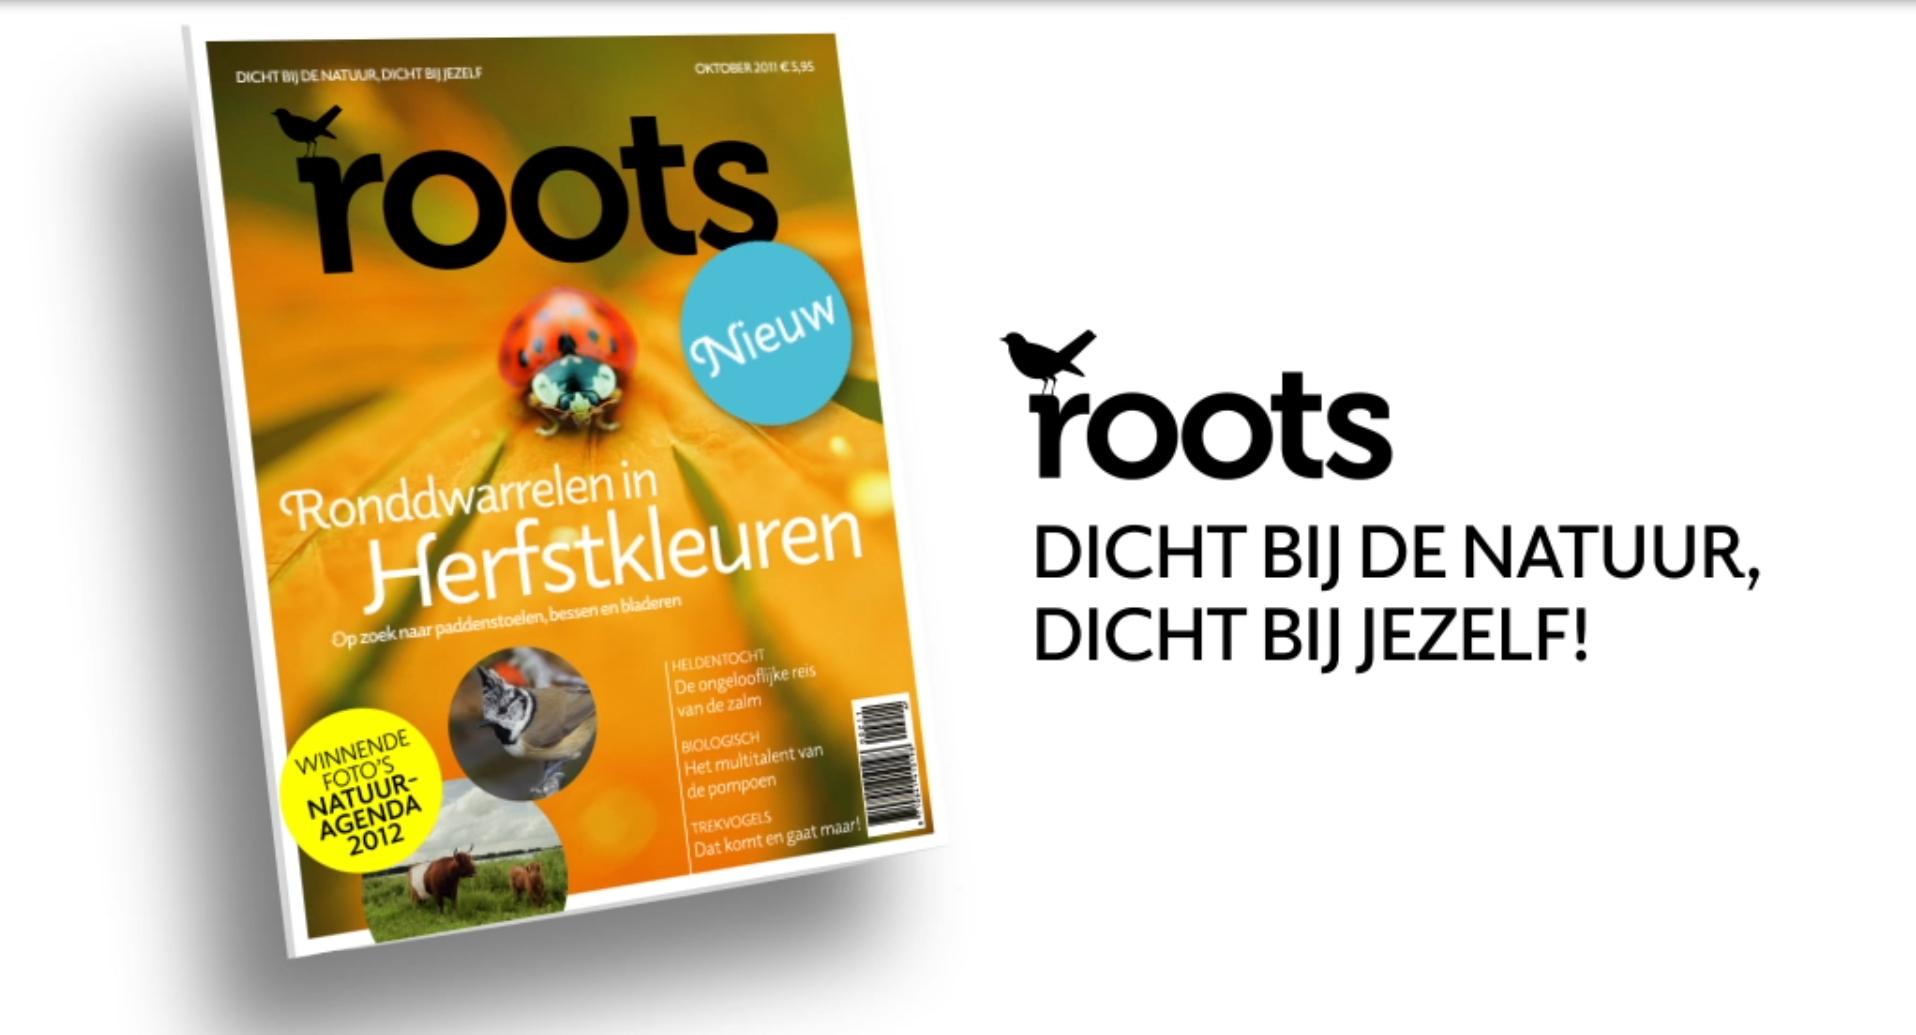 TV_commercial voor magazine Roots